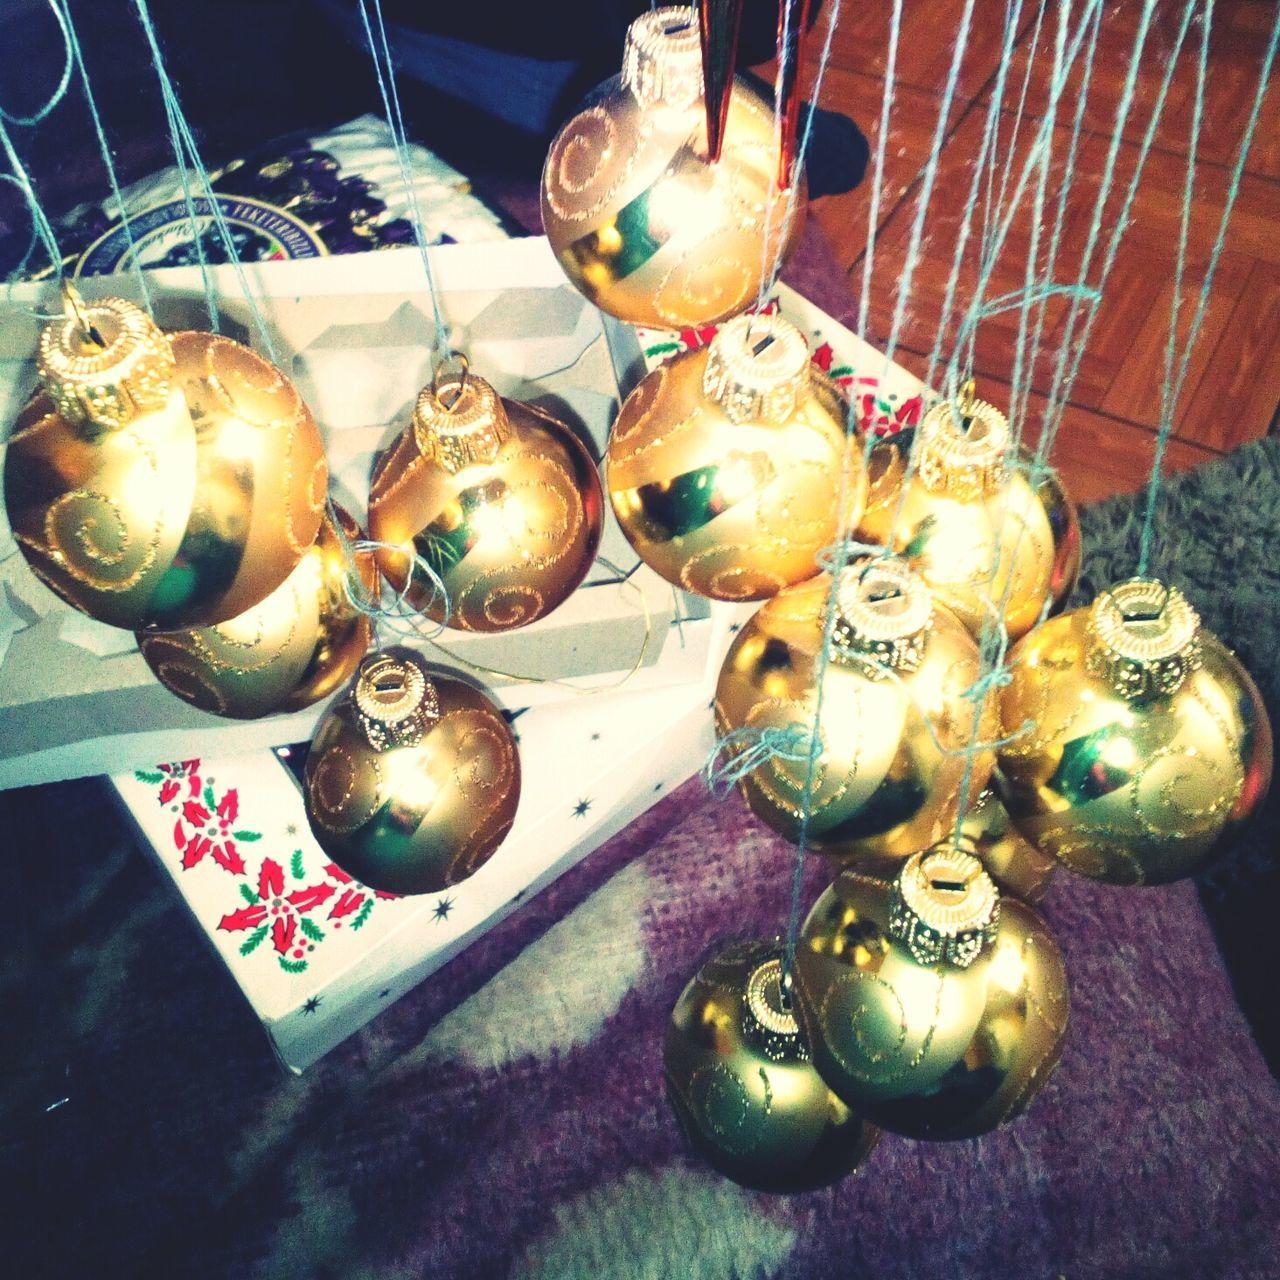 Christmas Lights Christmas Decoration Christmas Decorations Christmas 2016 Christmas🎄 Christmas Tree Christmas Time Christmas Party Christmas Day